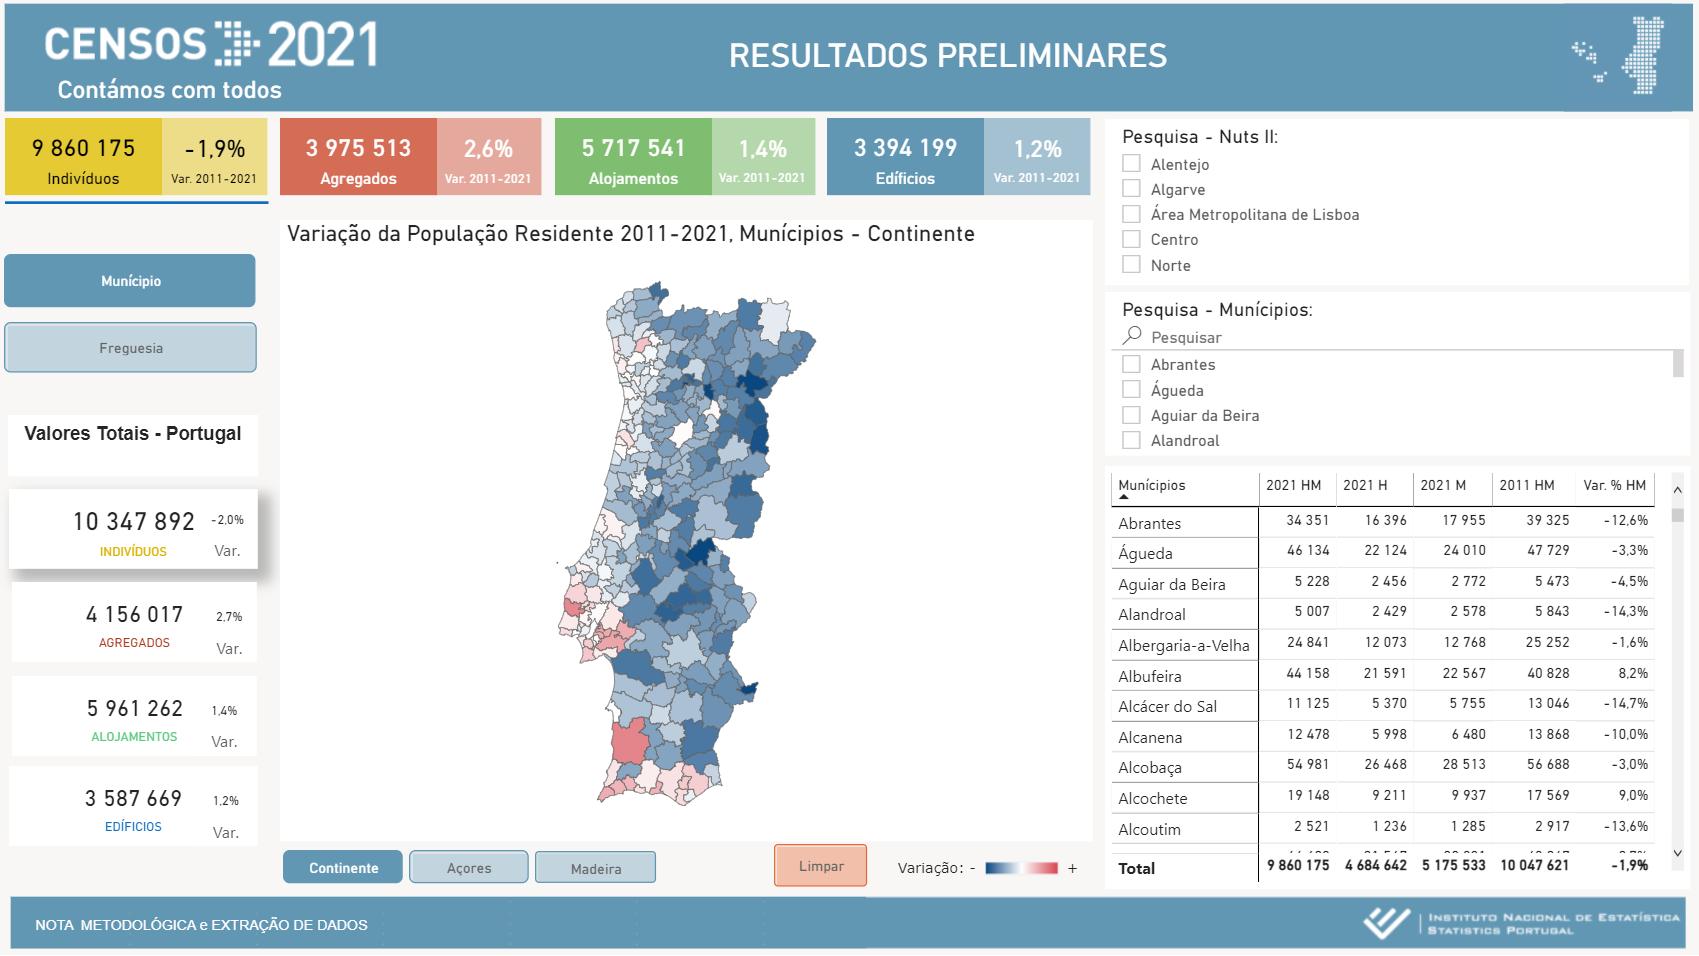 Plataforma de divulgação dos Censos 2021 – Resultados Preliminares